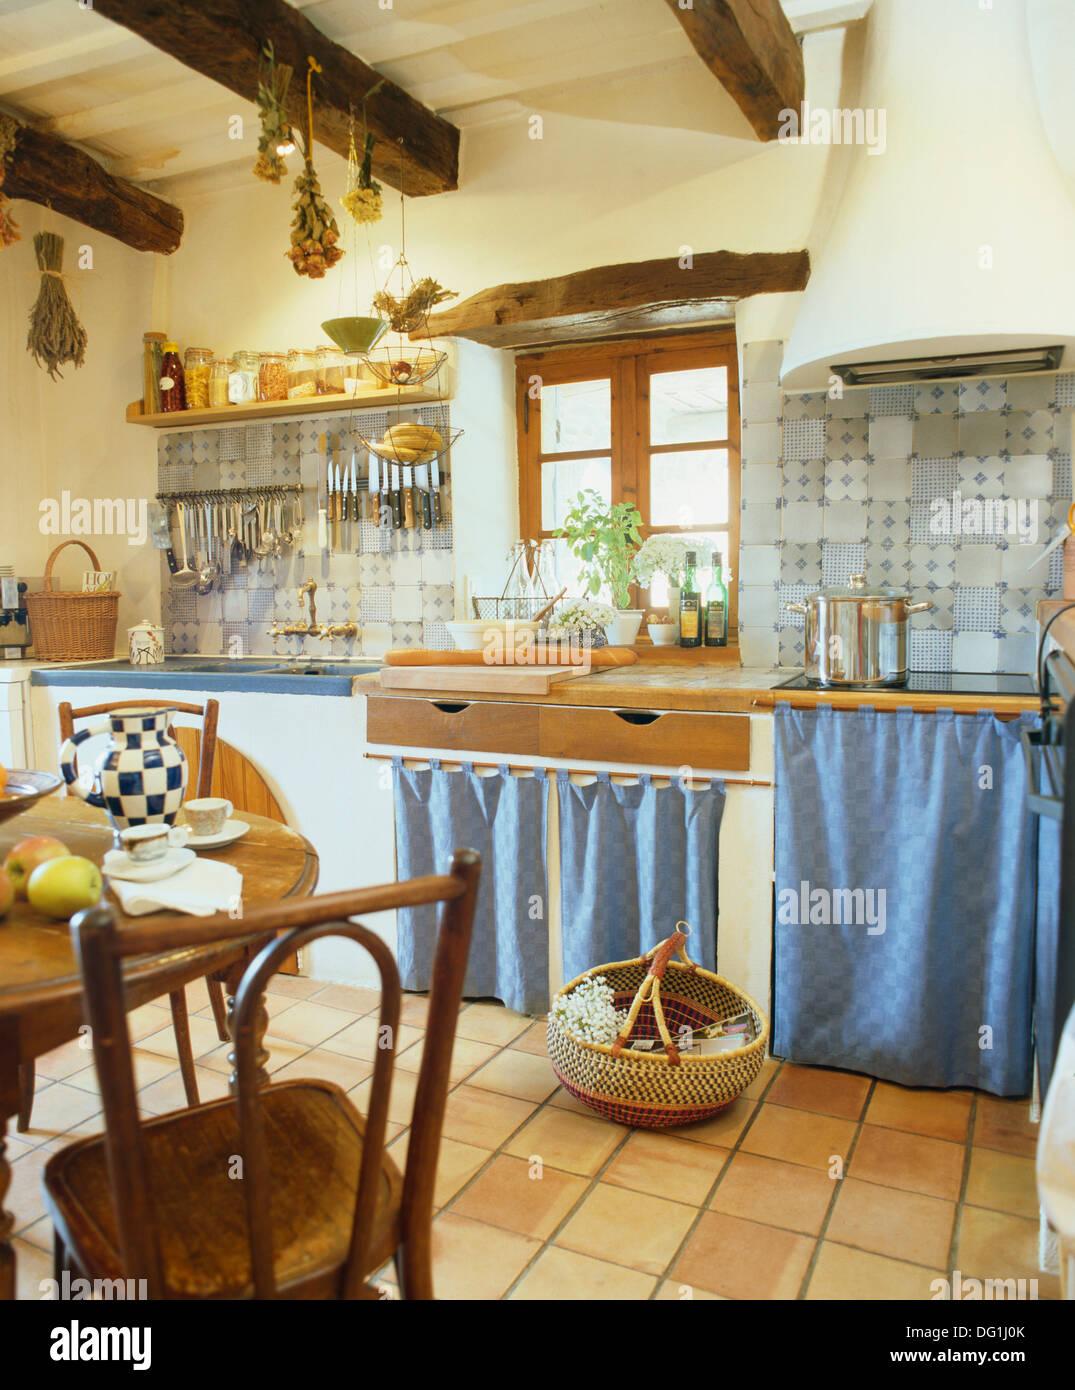 Ziemlich Französisch Landküche Essgarnituren Bilder - Küchenschrank ...